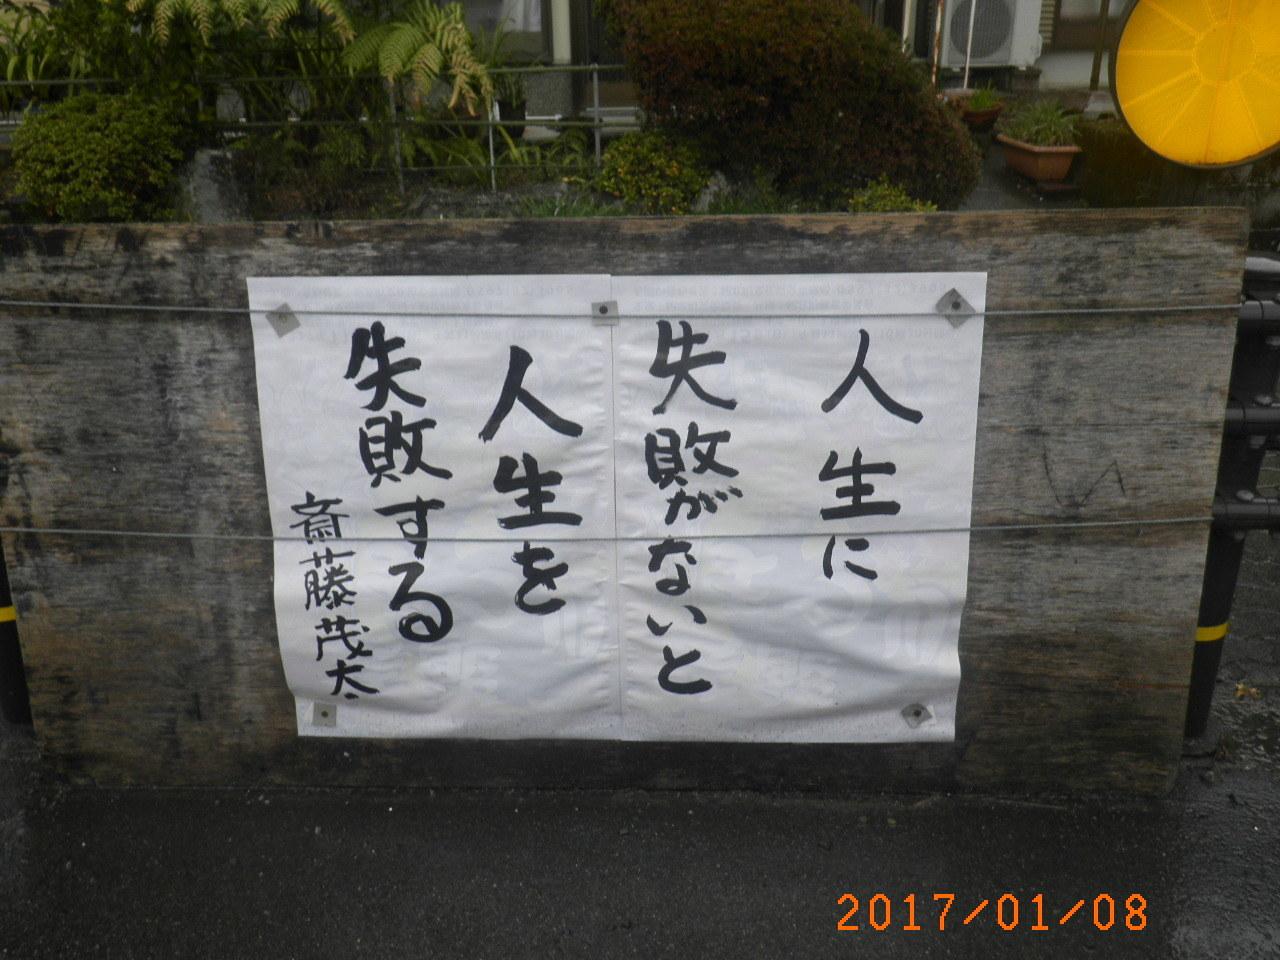 20170109172155ecc.jpg